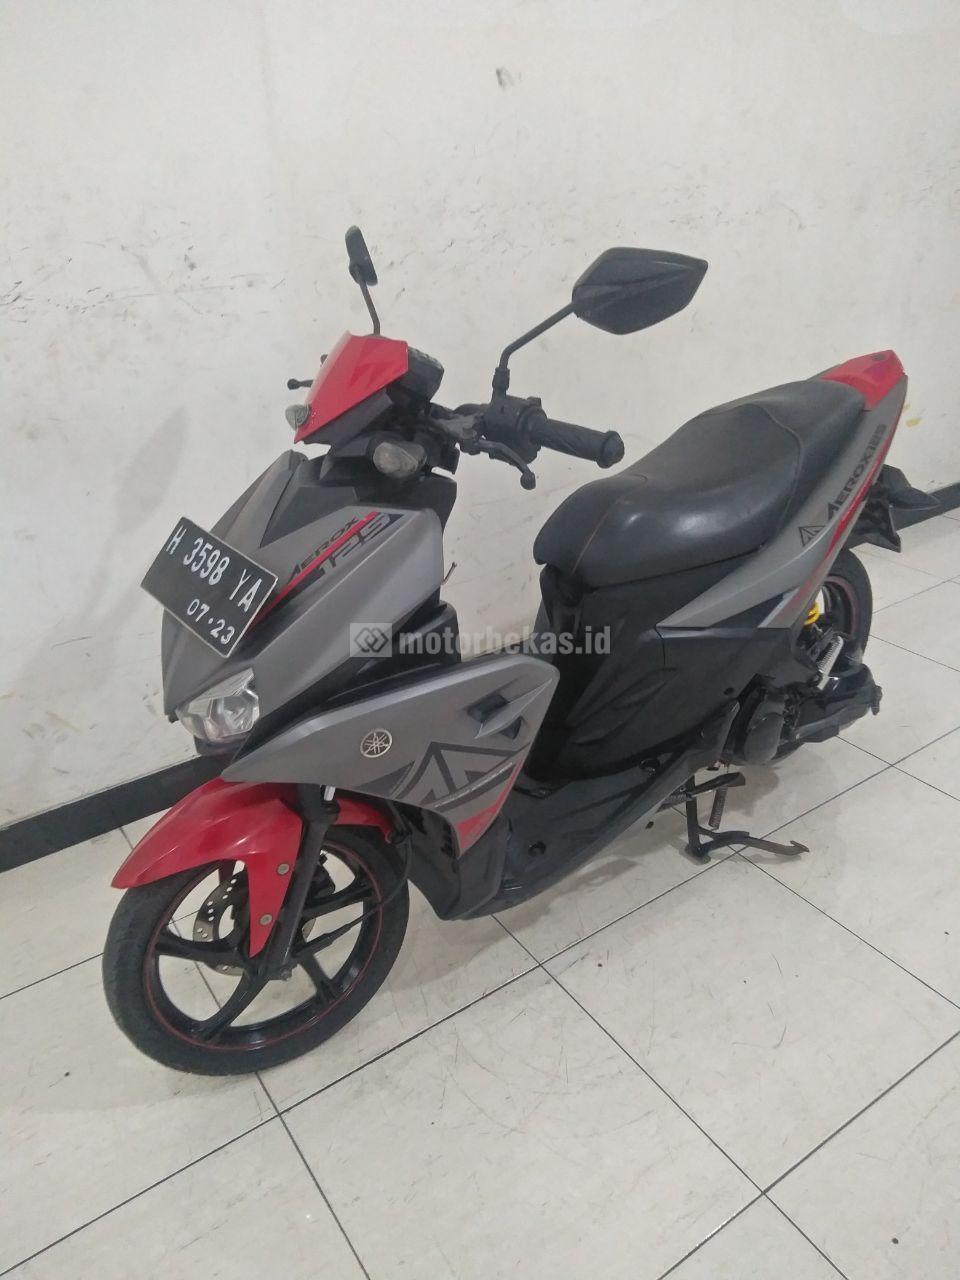 YAMAHA AEROX 125  3113 motorbekas.id